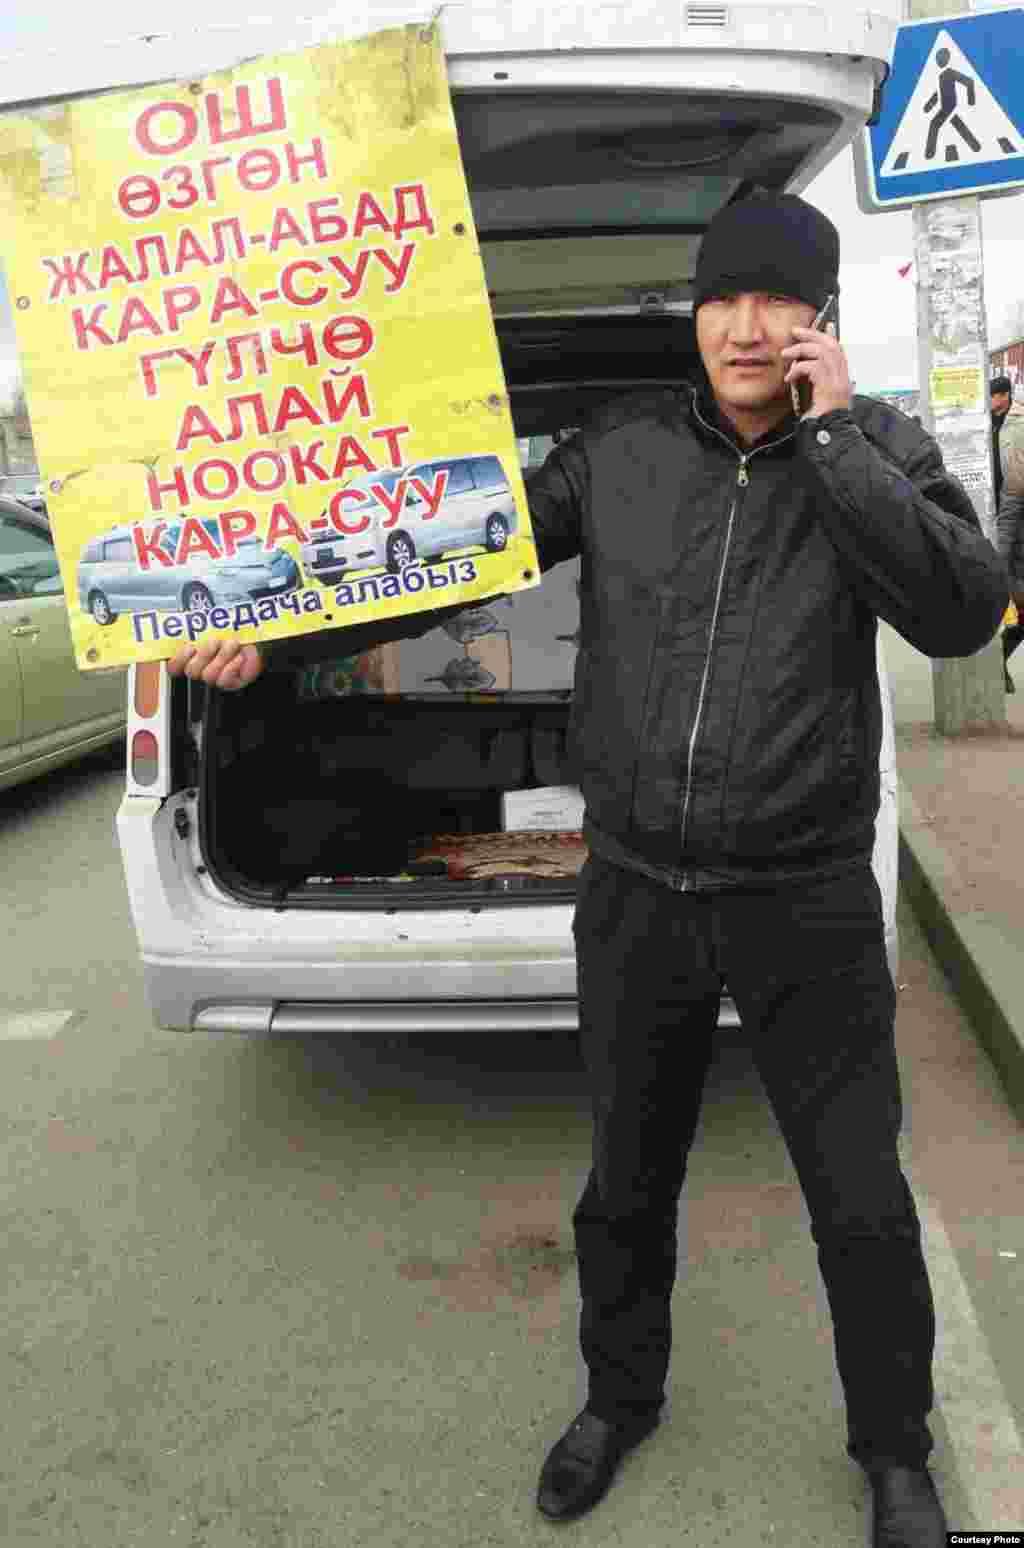 """Таксист. Таксист по маршруту Бишкек-Ош: """"Наша цель доставить в целости и сохранности пассажиров"""". Автор Эржигит Айдаралиев."""